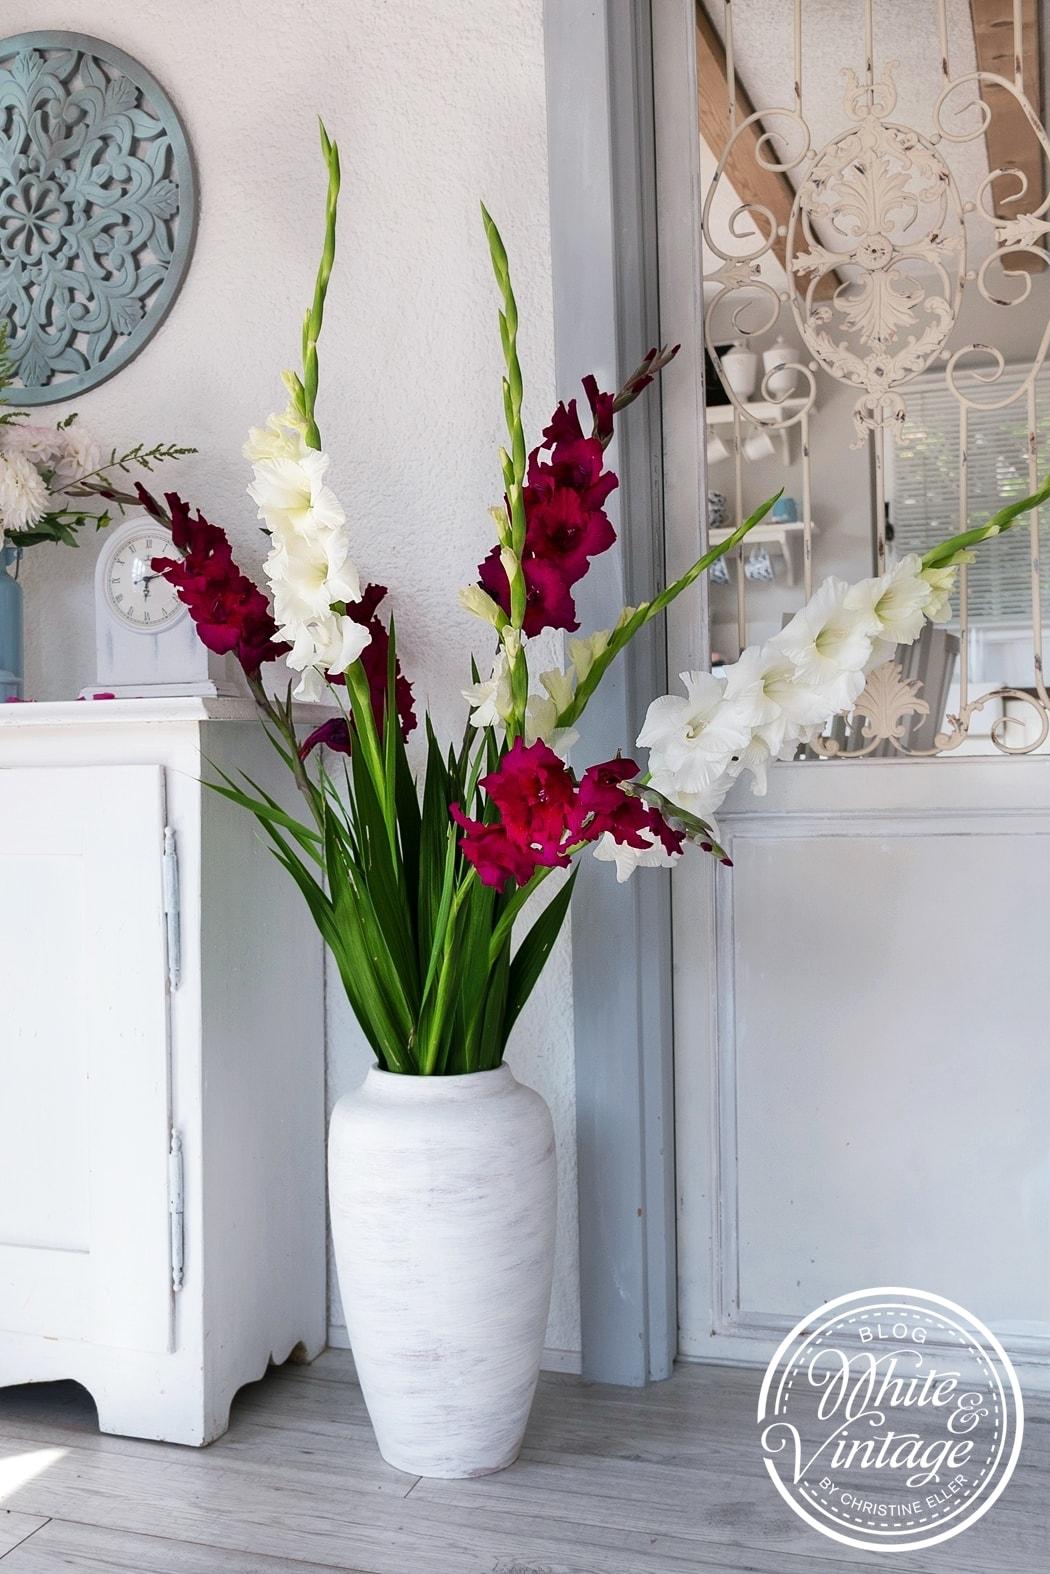 Blumendeko mit Gladiolen selber machen